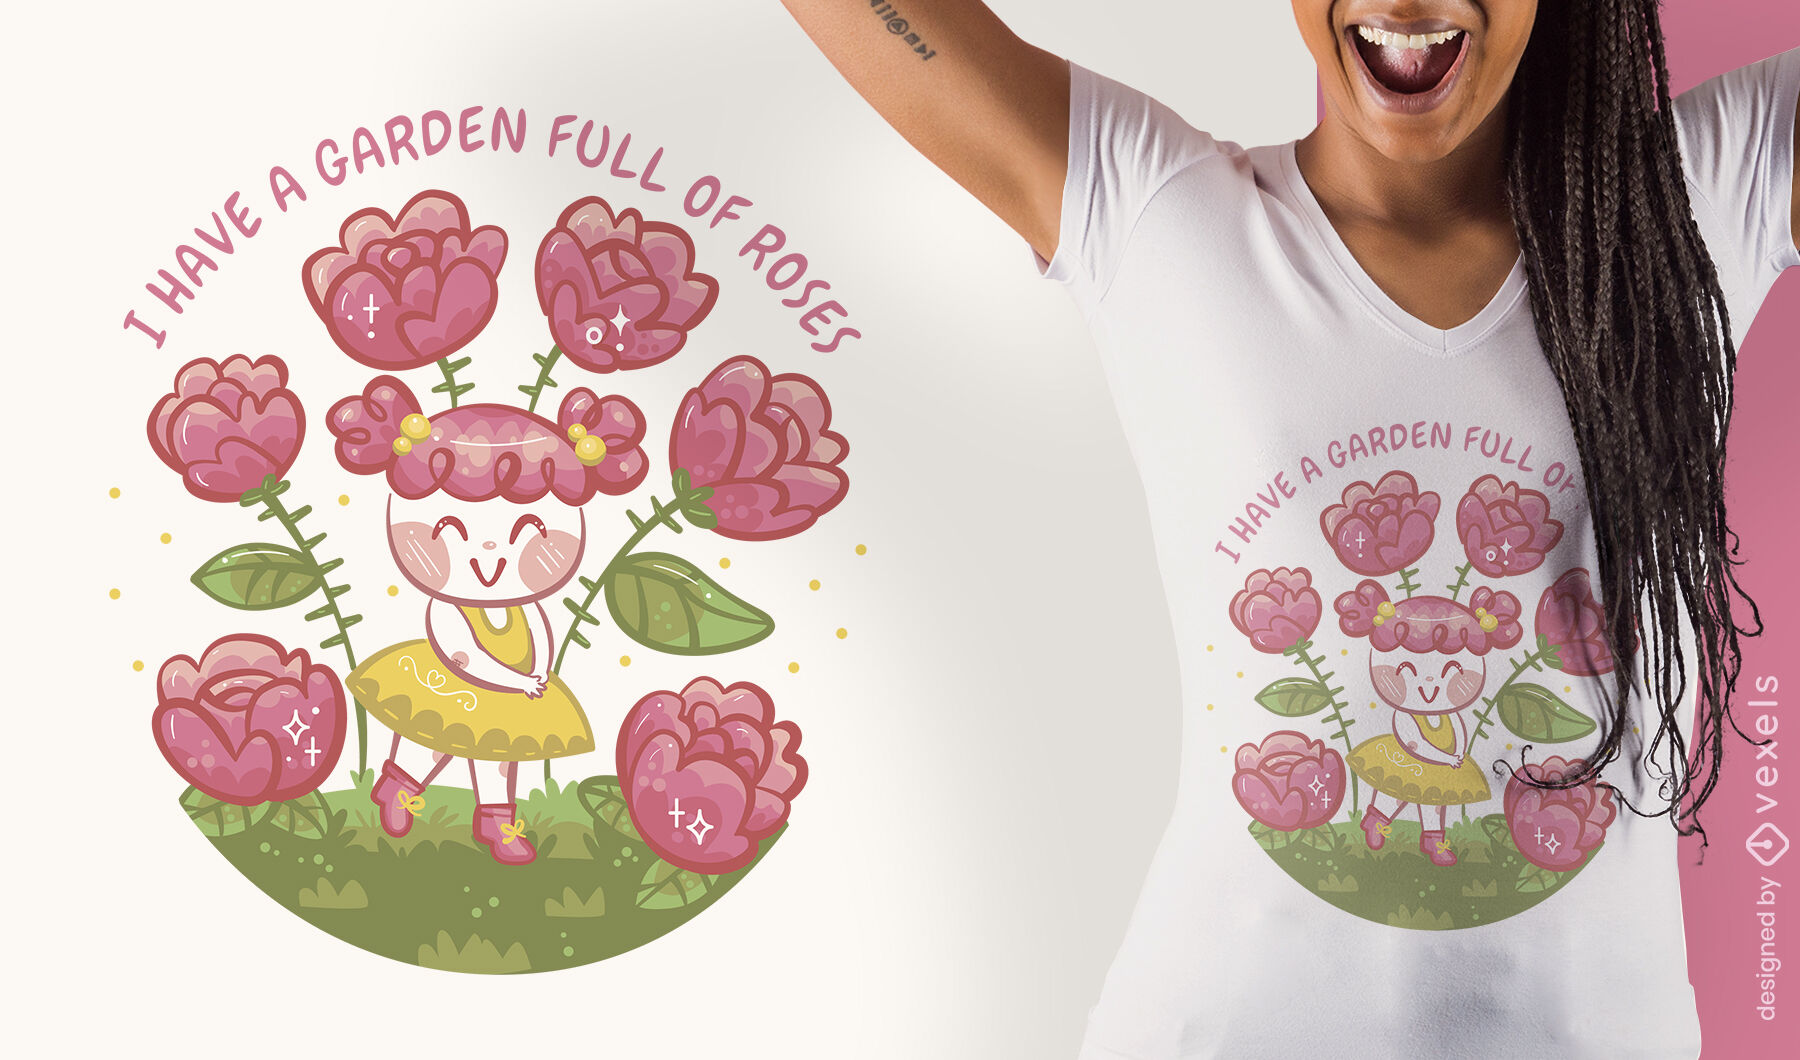 Cute flower girl t-shirt design